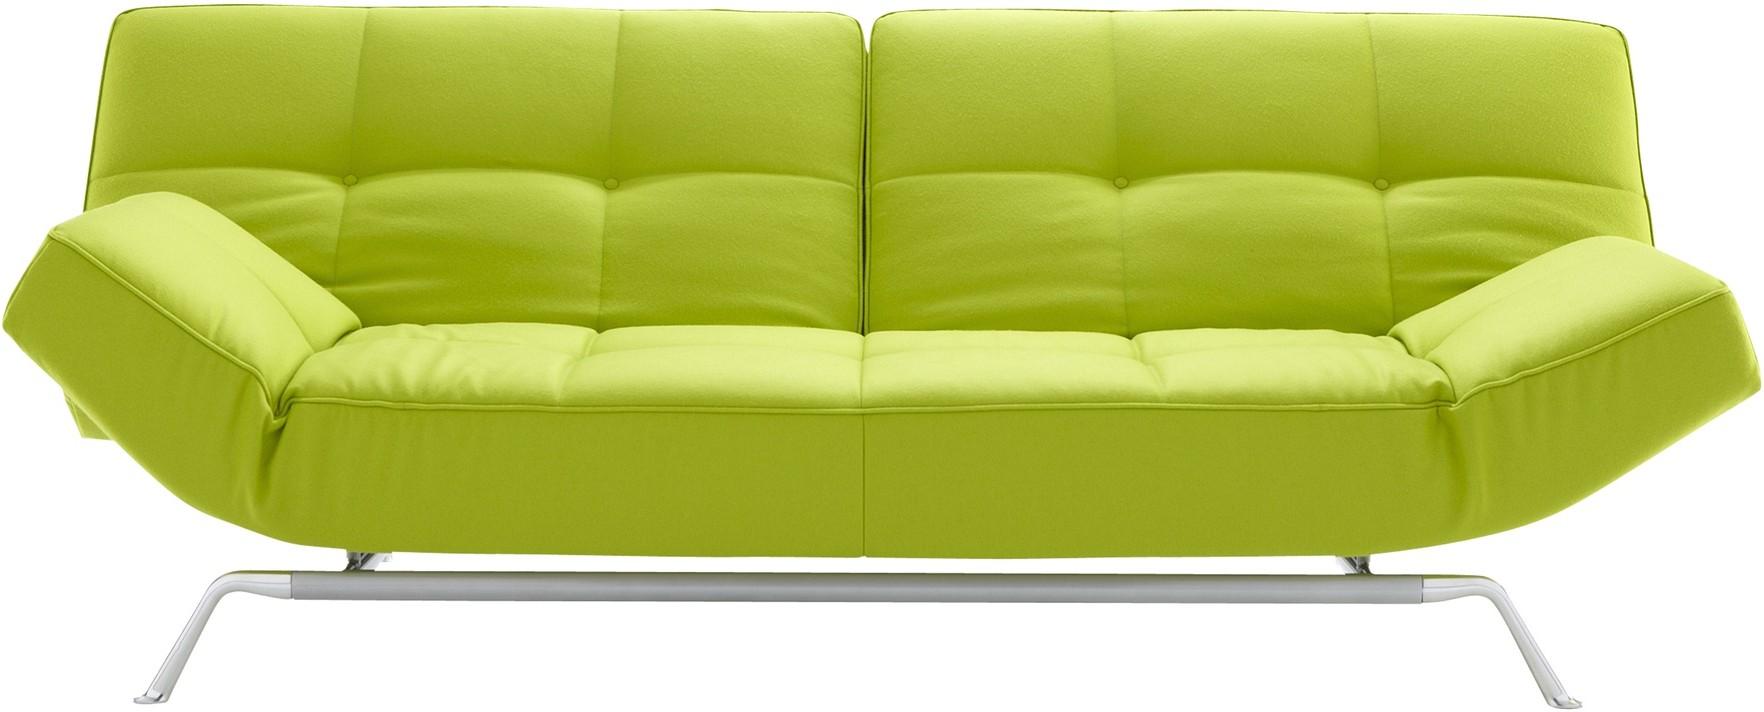 canape lit ligne roset suisse canap id es de d coration de maison mbnre4gbo2. Black Bedroom Furniture Sets. Home Design Ideas